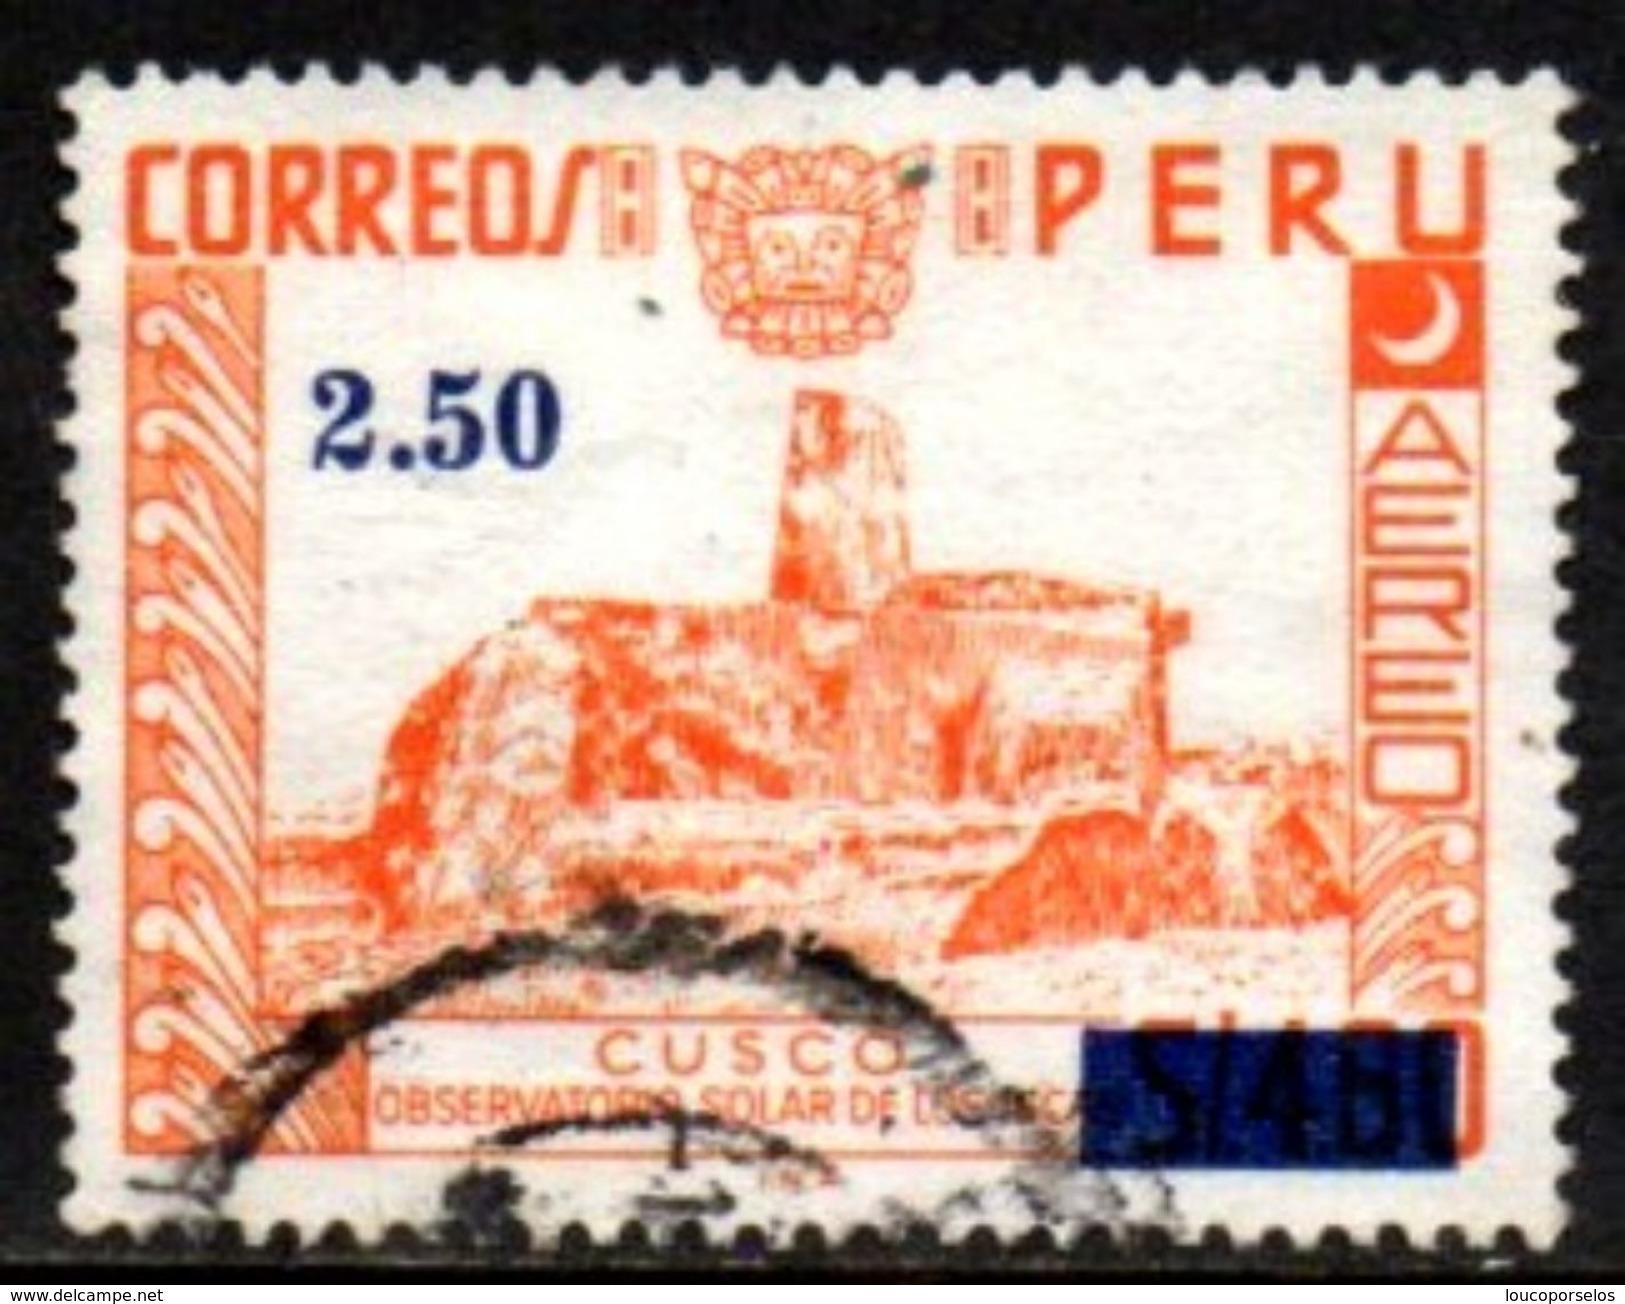 06361 Peru Aéreo 403 Observatorio Solar Inca U - Peru